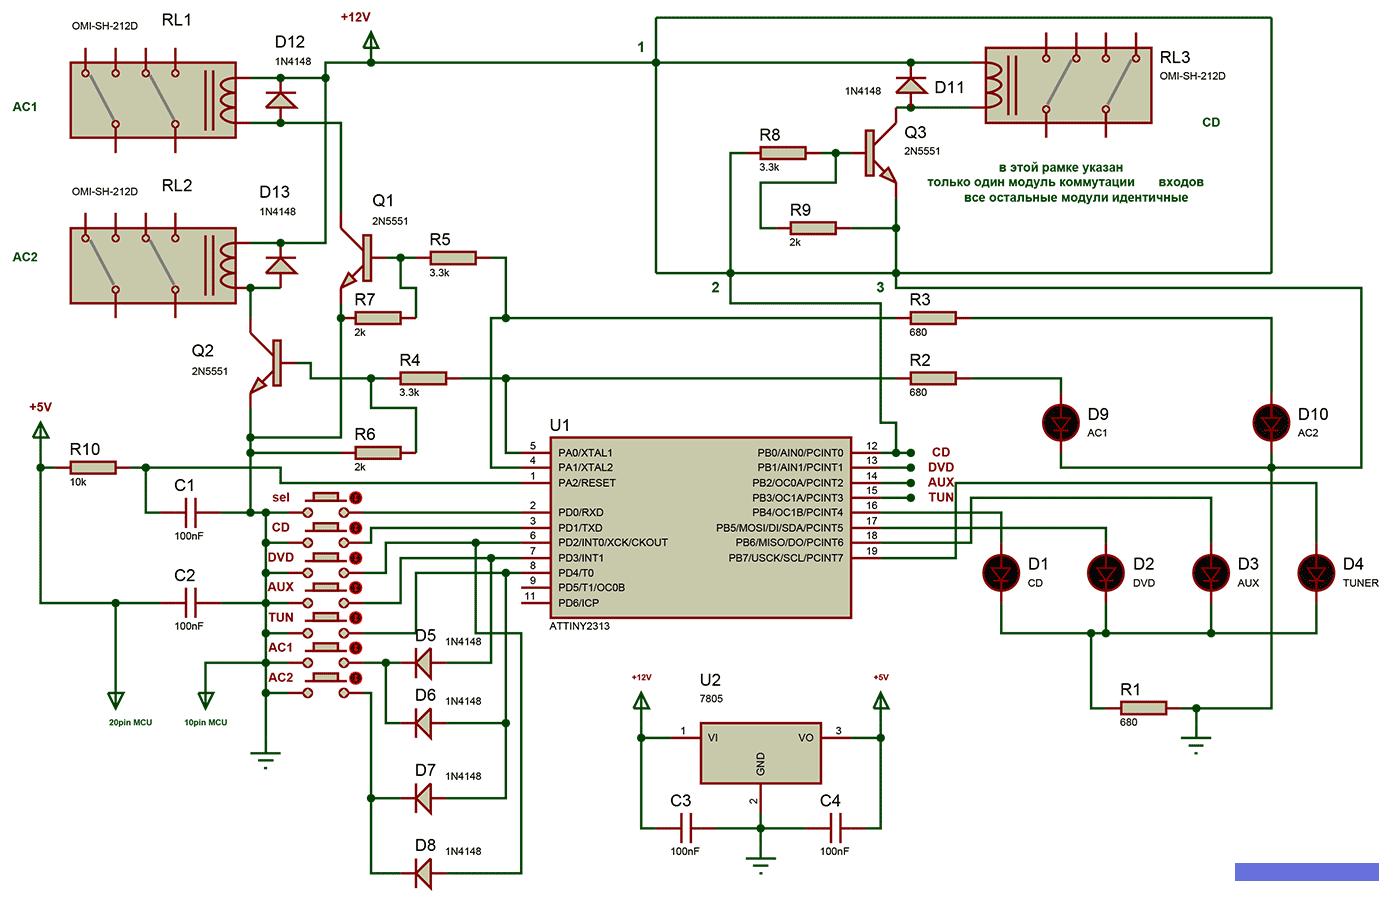 Селектор входов и выходов УМЗЧ на микроконтроллере